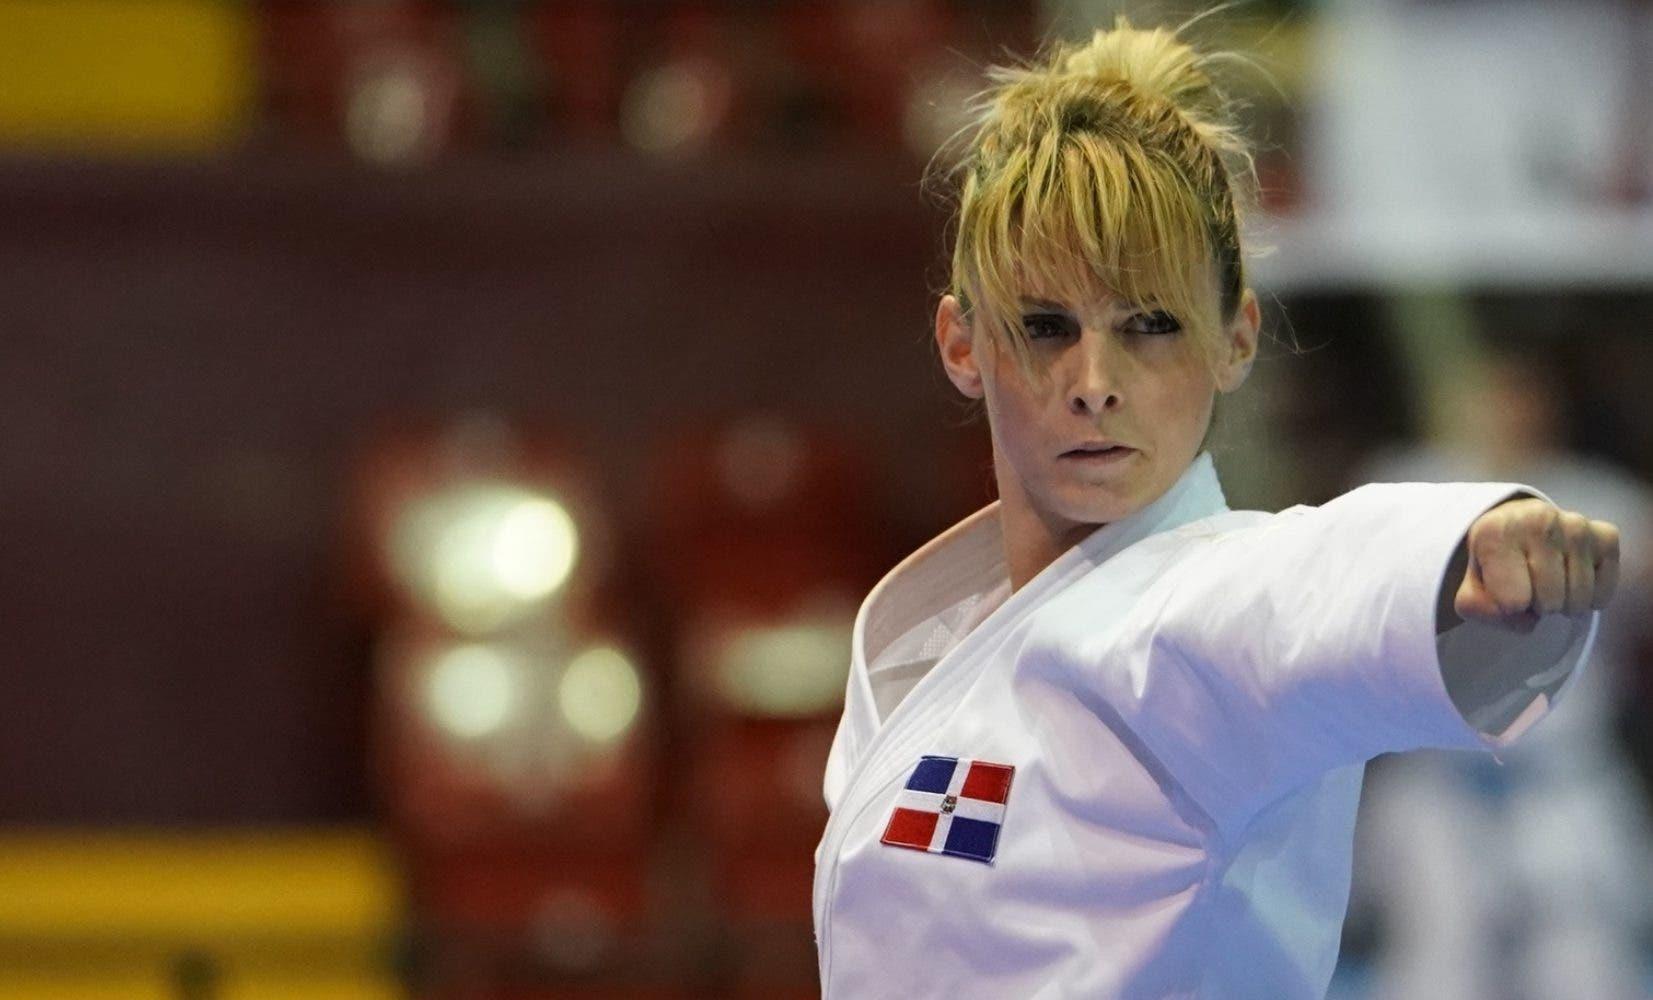 DIMITROVA MARIA (DOMINICAN REPUBLIC) in Senior Female Kata - Final bout